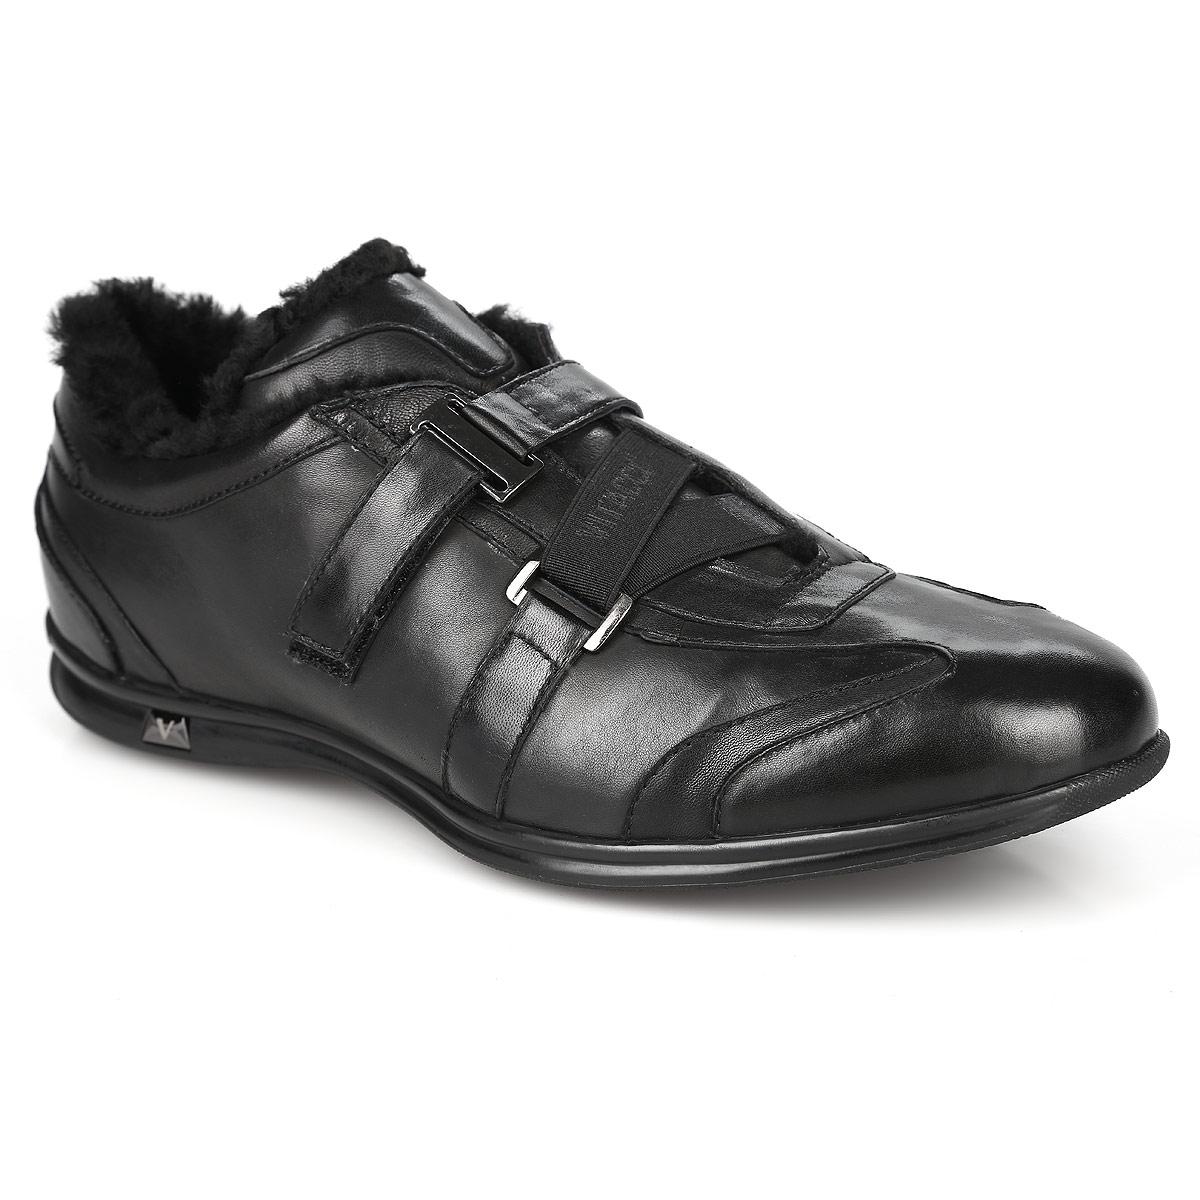 Ботинки мужские. M13219M**M13219M**Модные мужские ботинки от Vitacci покорят вас своим удобством. Модель выполнена из натуральной кожи. Подкладка и стелька из натурального меха сохранят ваши ноги в тепле. Ботинки застегиваются на хлястик с липучкой. Подошва с протектором гарантируют идеальное сцепление с любыми поверхностями. Стильные ботинки прекрасно впишутся в ваш гардероб.